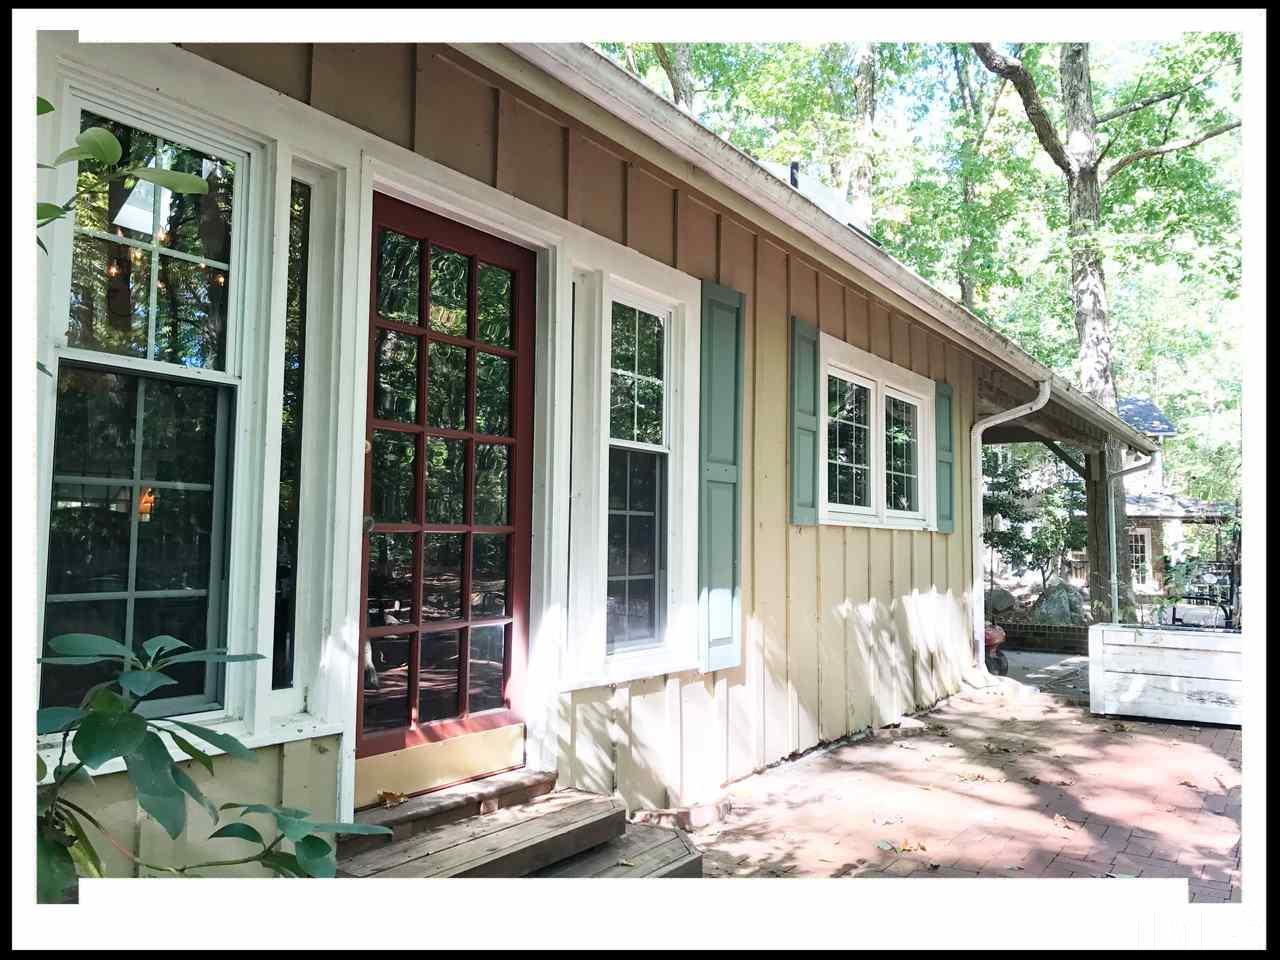 4530 Manns Chapel Road Chapel Hill - 4